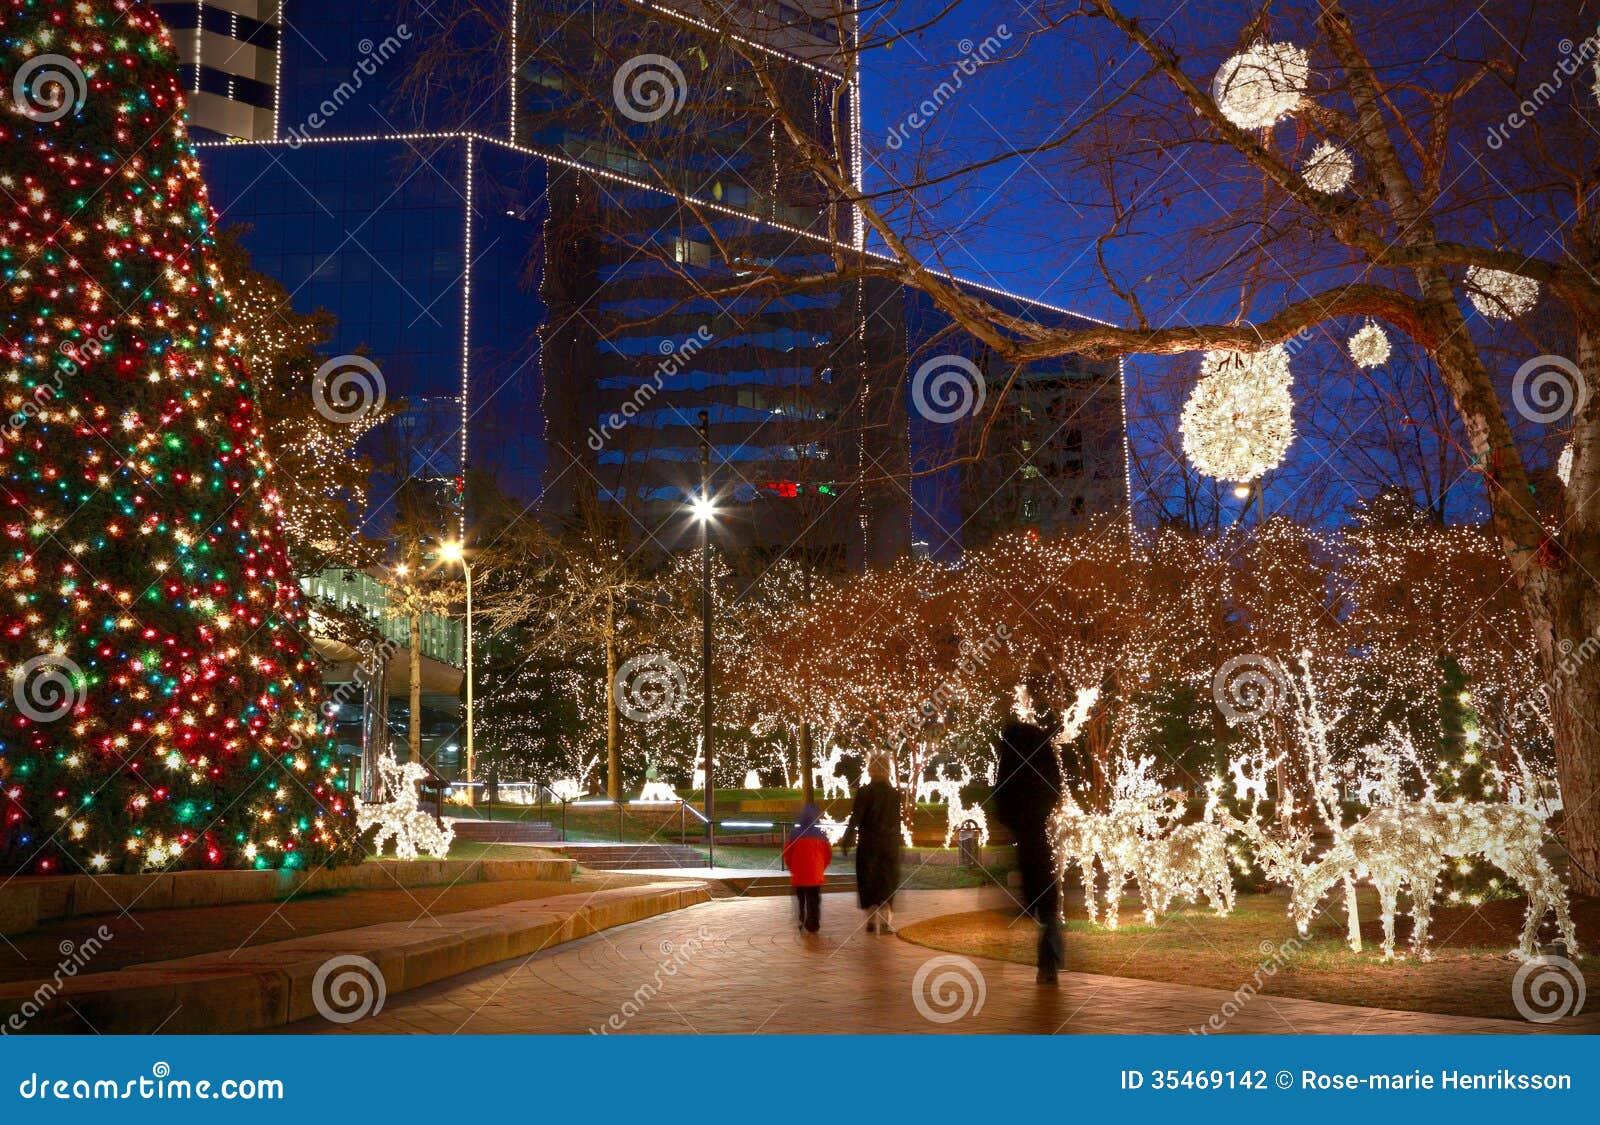 Christmas Lights Stock Photography Image 35469142